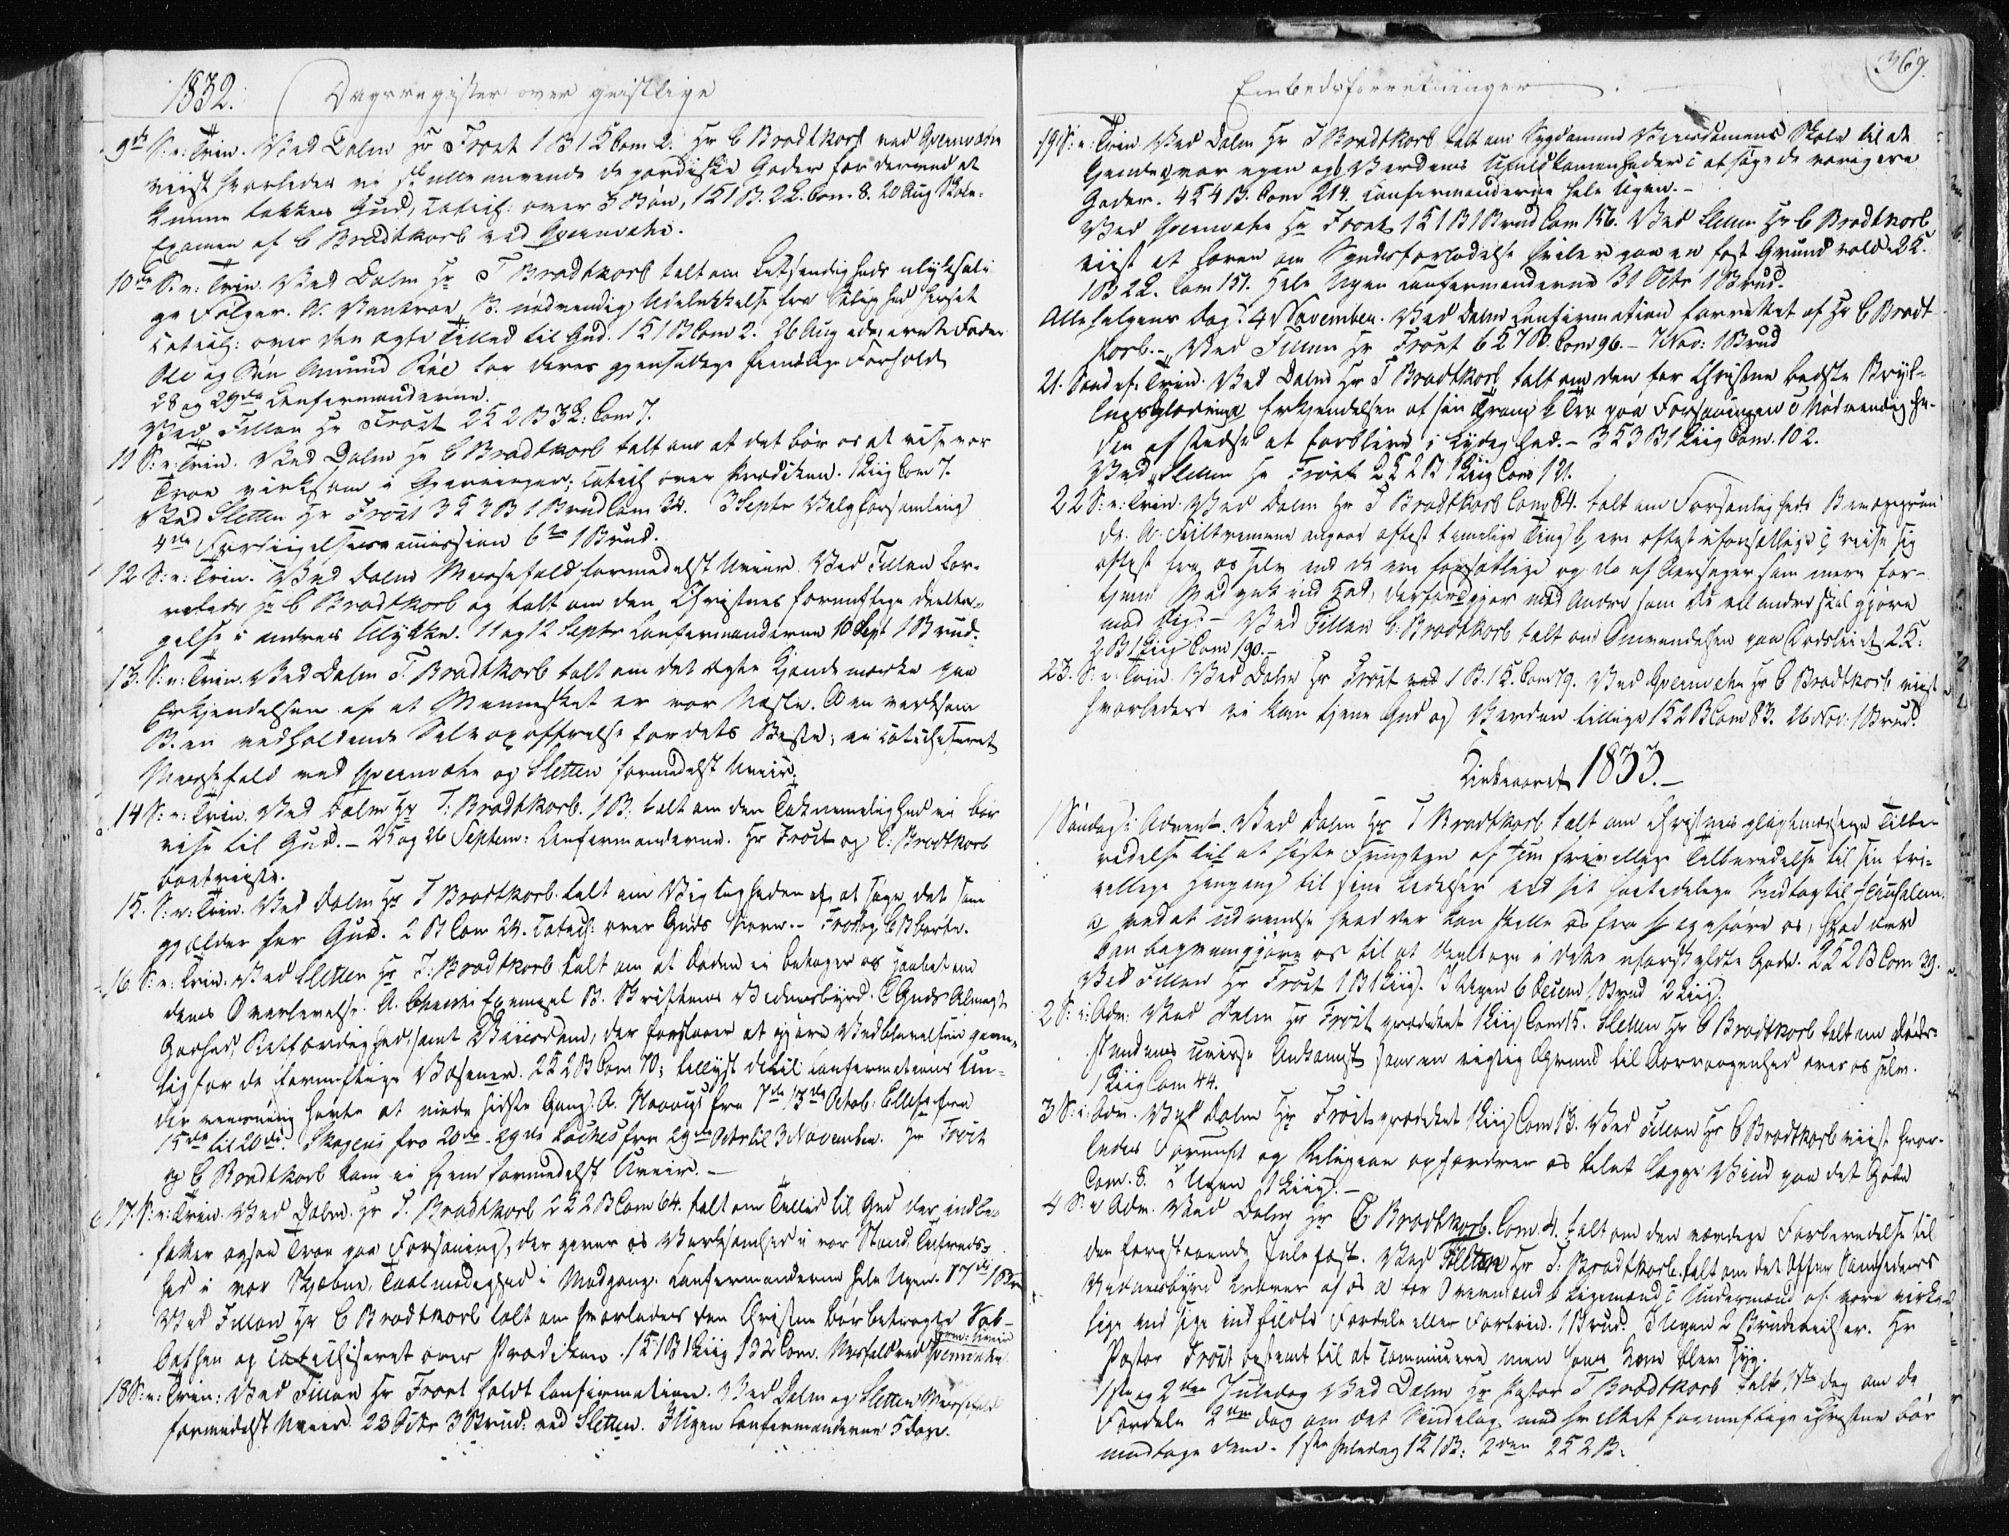 SAT, Ministerialprotokoller, klokkerbøker og fødselsregistre - Sør-Trøndelag, 634/L0528: Ministerialbok nr. 634A04, 1827-1842, s. 369